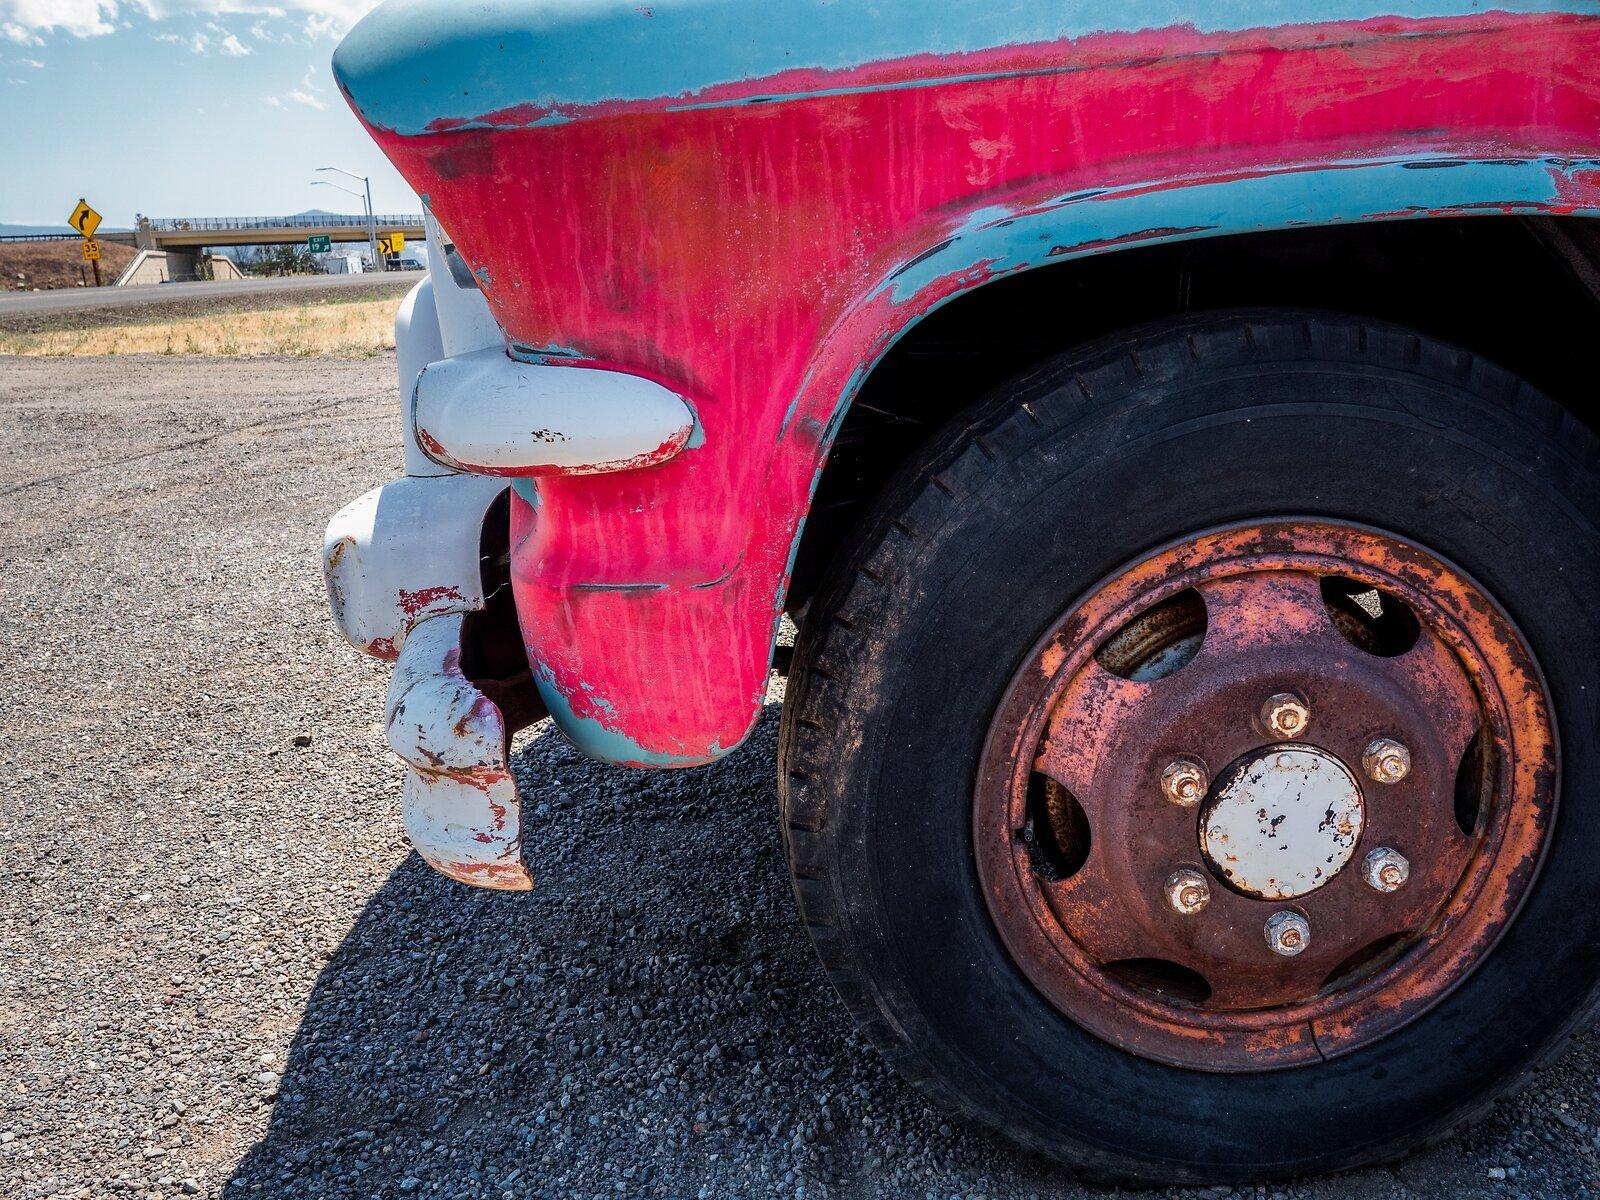 GX9_July6_21_rusty_wheel.jpg